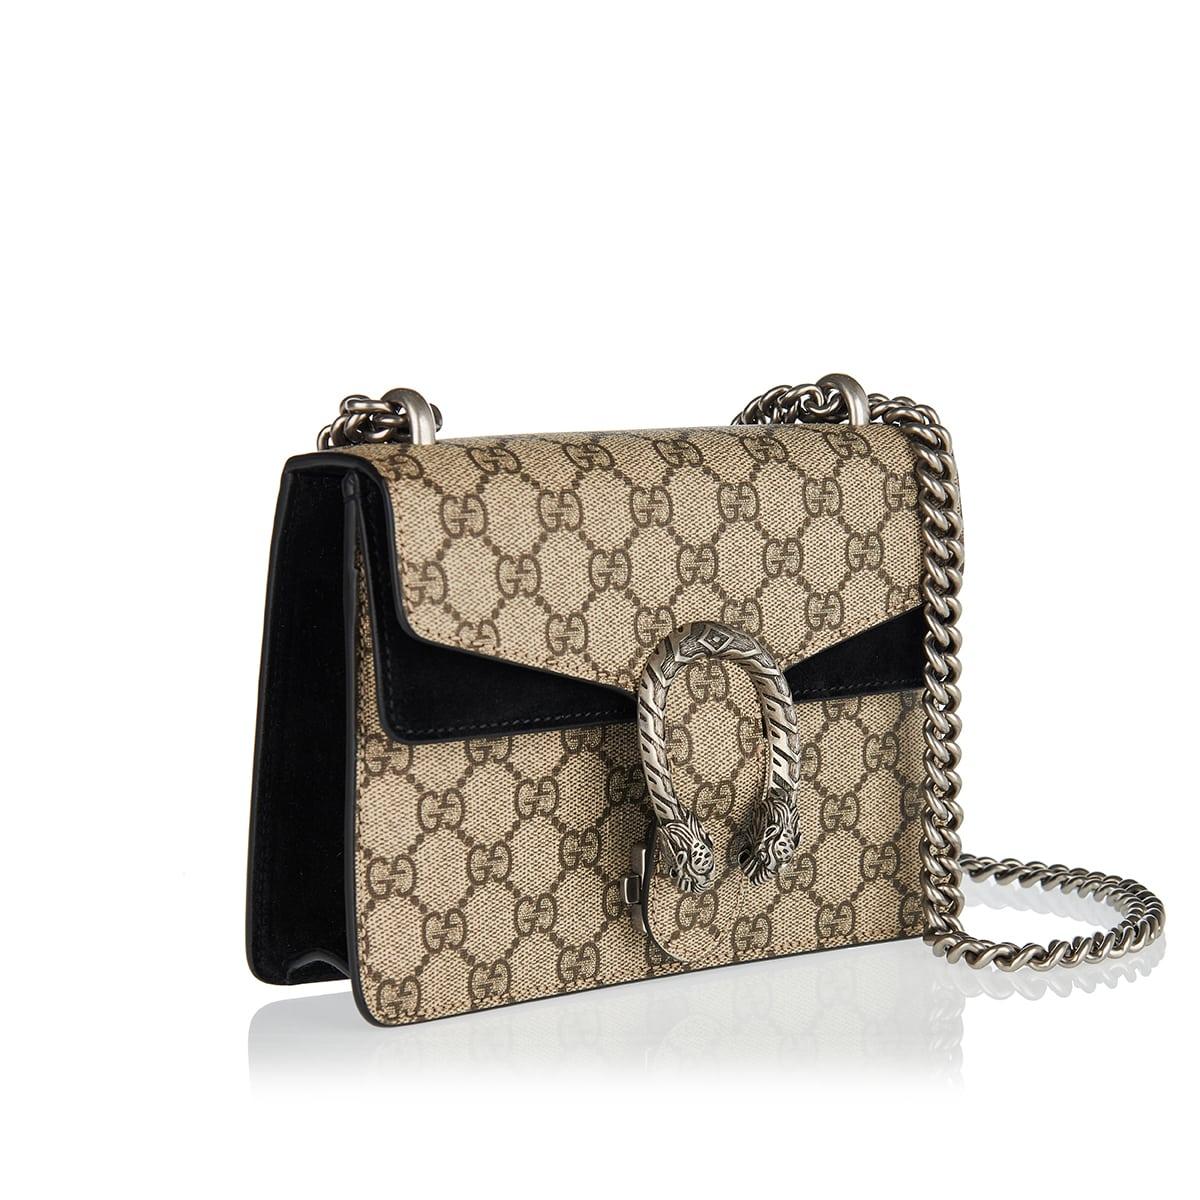 Dionysus GG mini canvas chain bag